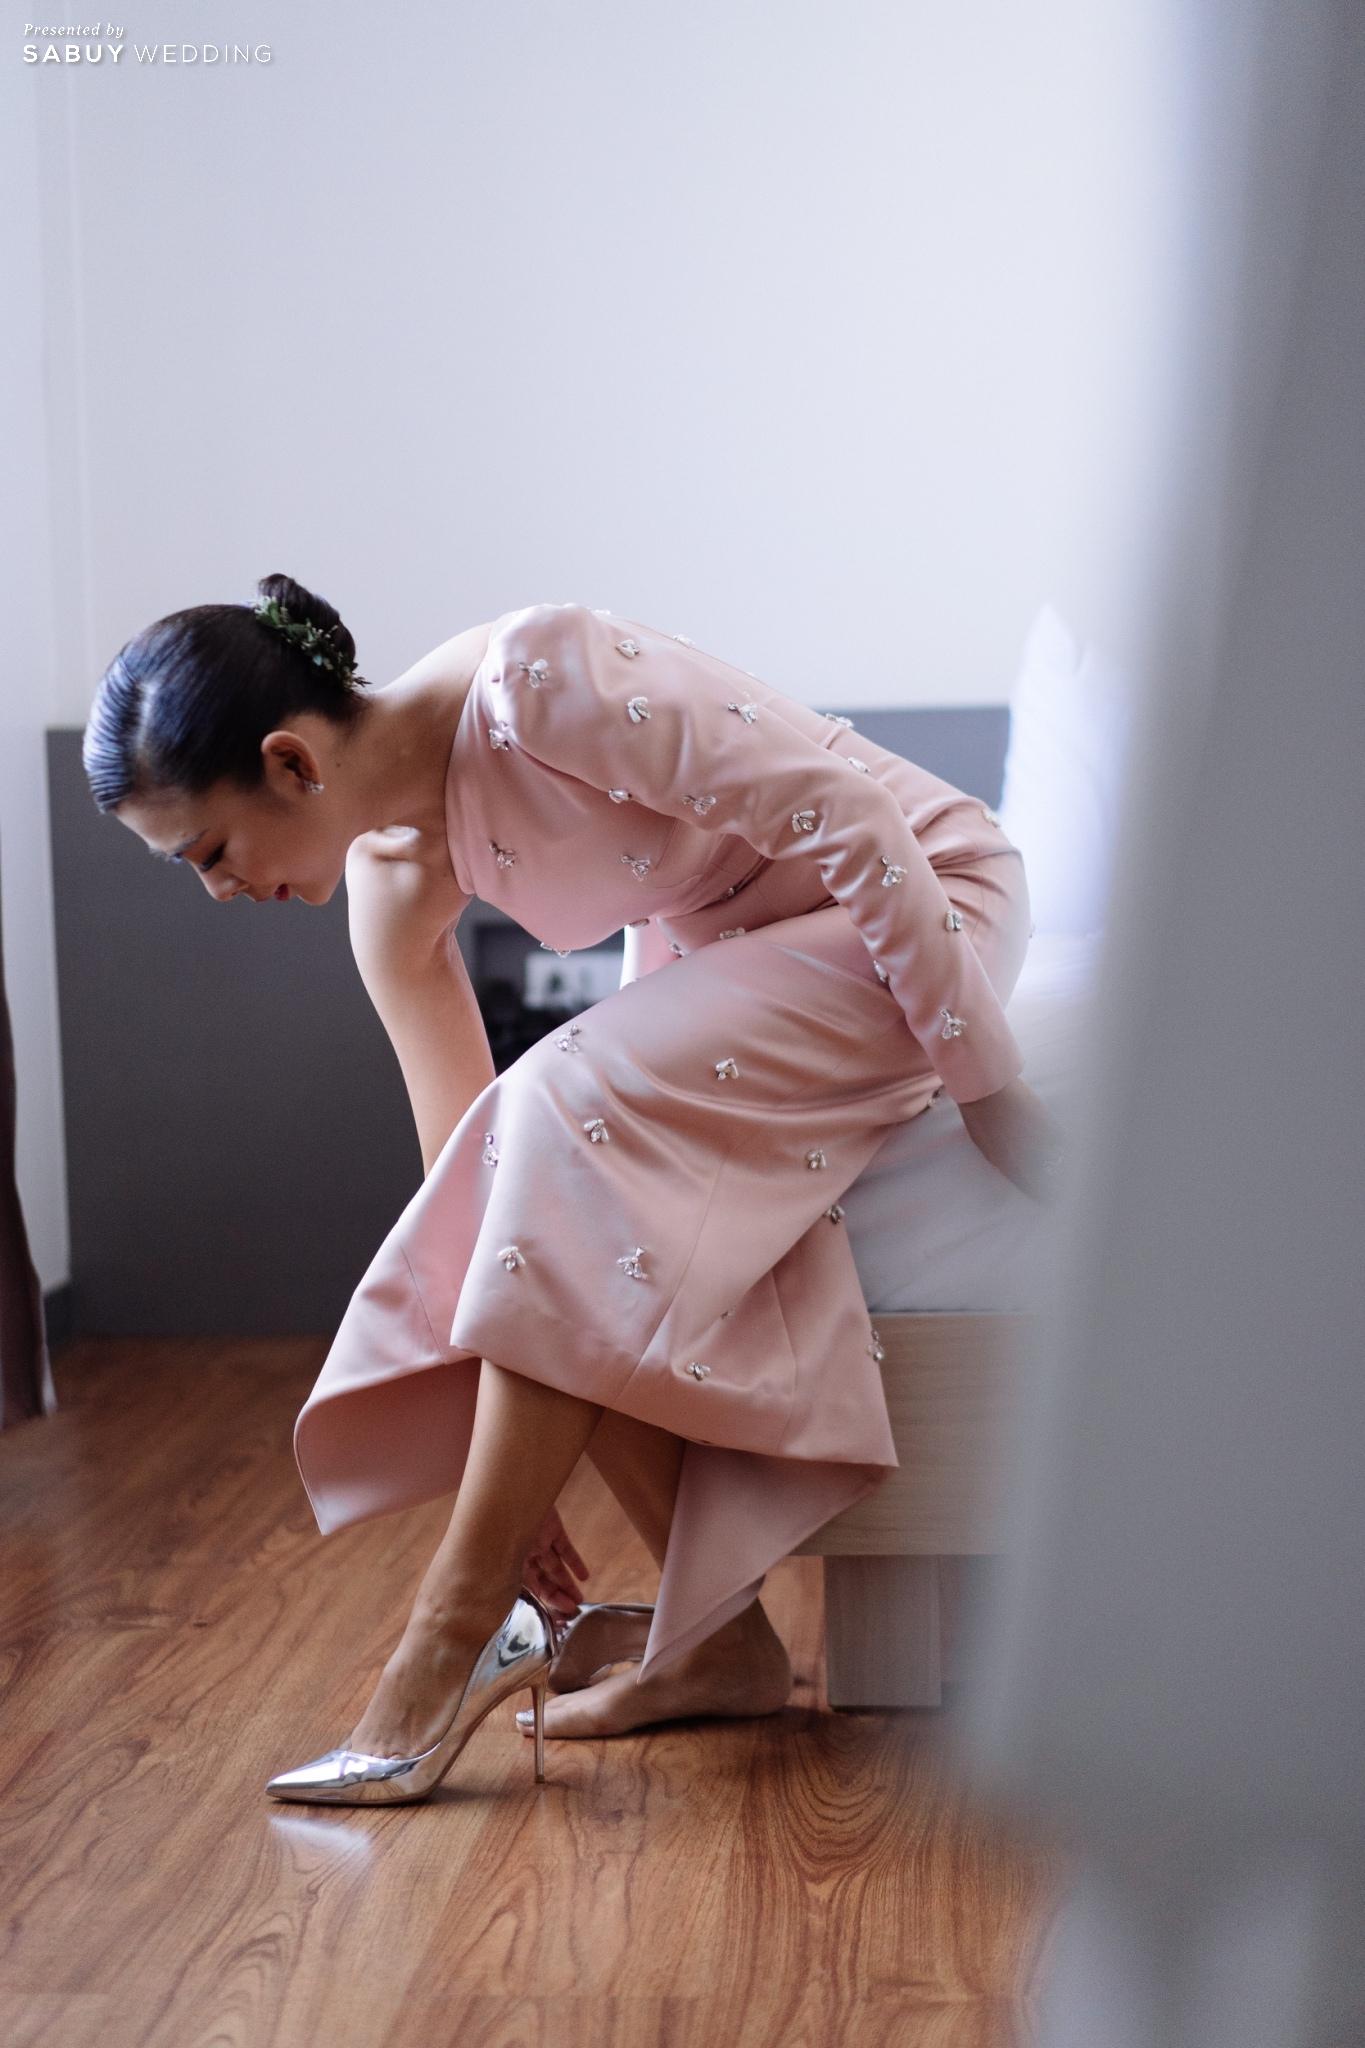 ชุดเจ้าสาว รีวิวงานแต่ง 2 สถานที่ สวยดูดีสไตล์ Vintage Chinese Modern @ หอประชุมศาลเจ้าแม่ทับทิม